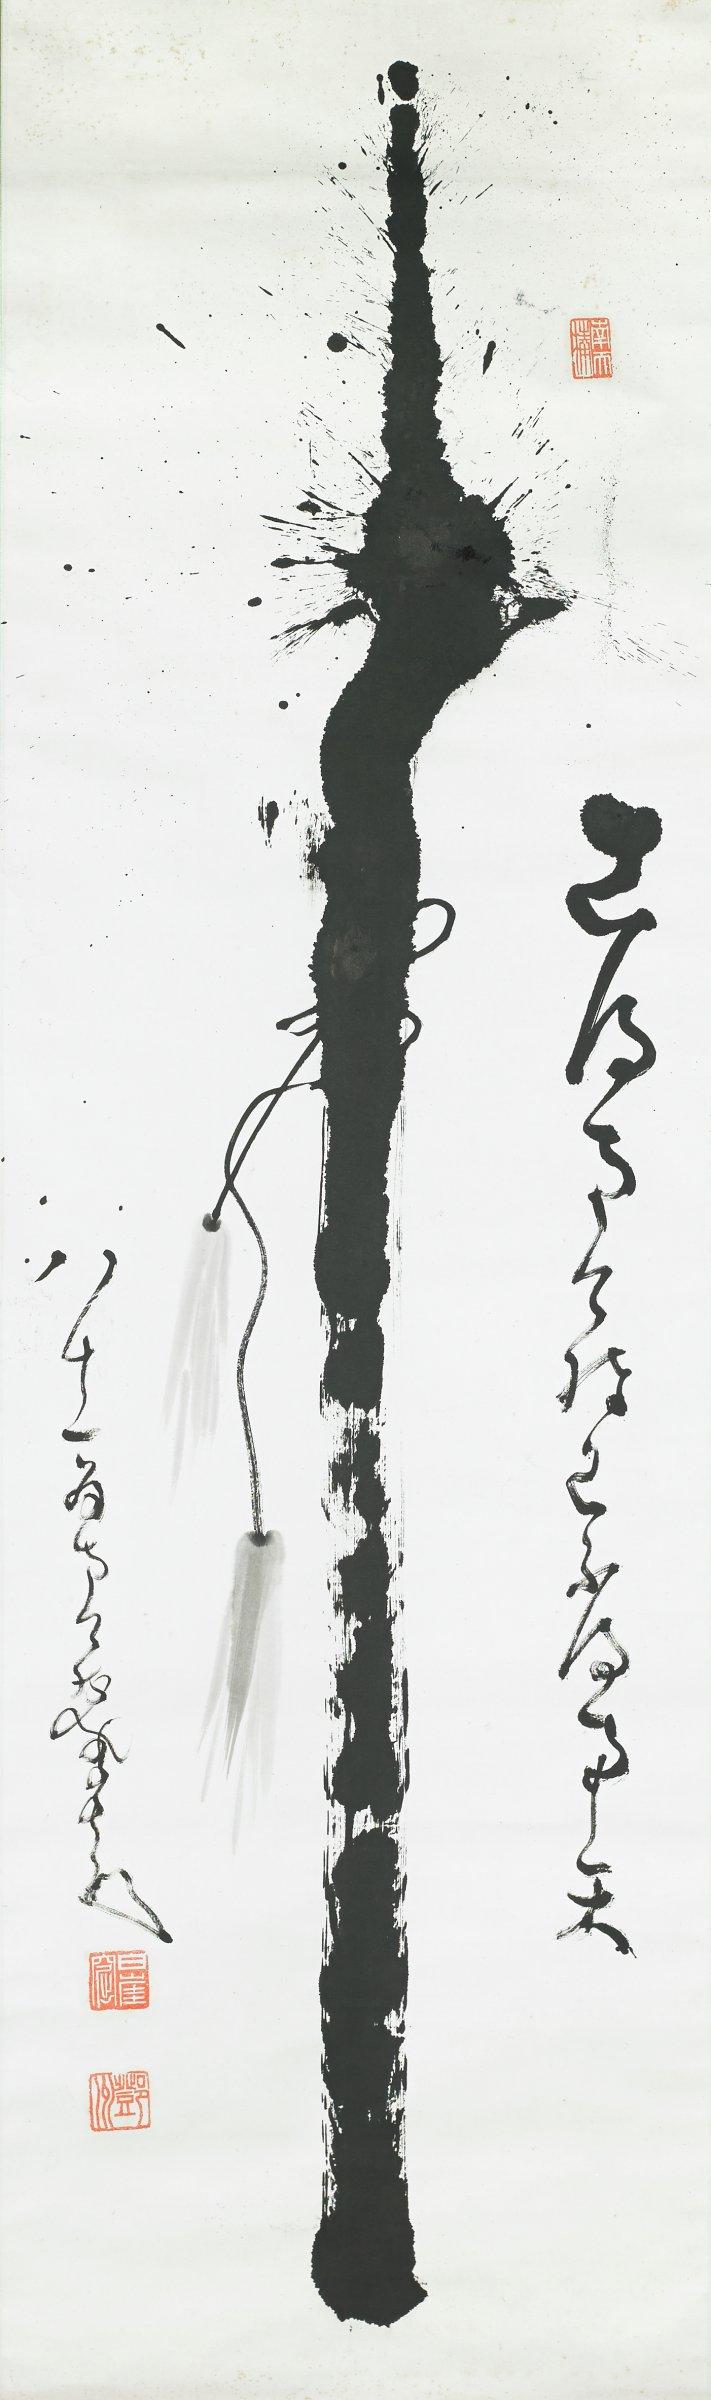 Zen Staff, Nakahara Nantenbo, ink on paper